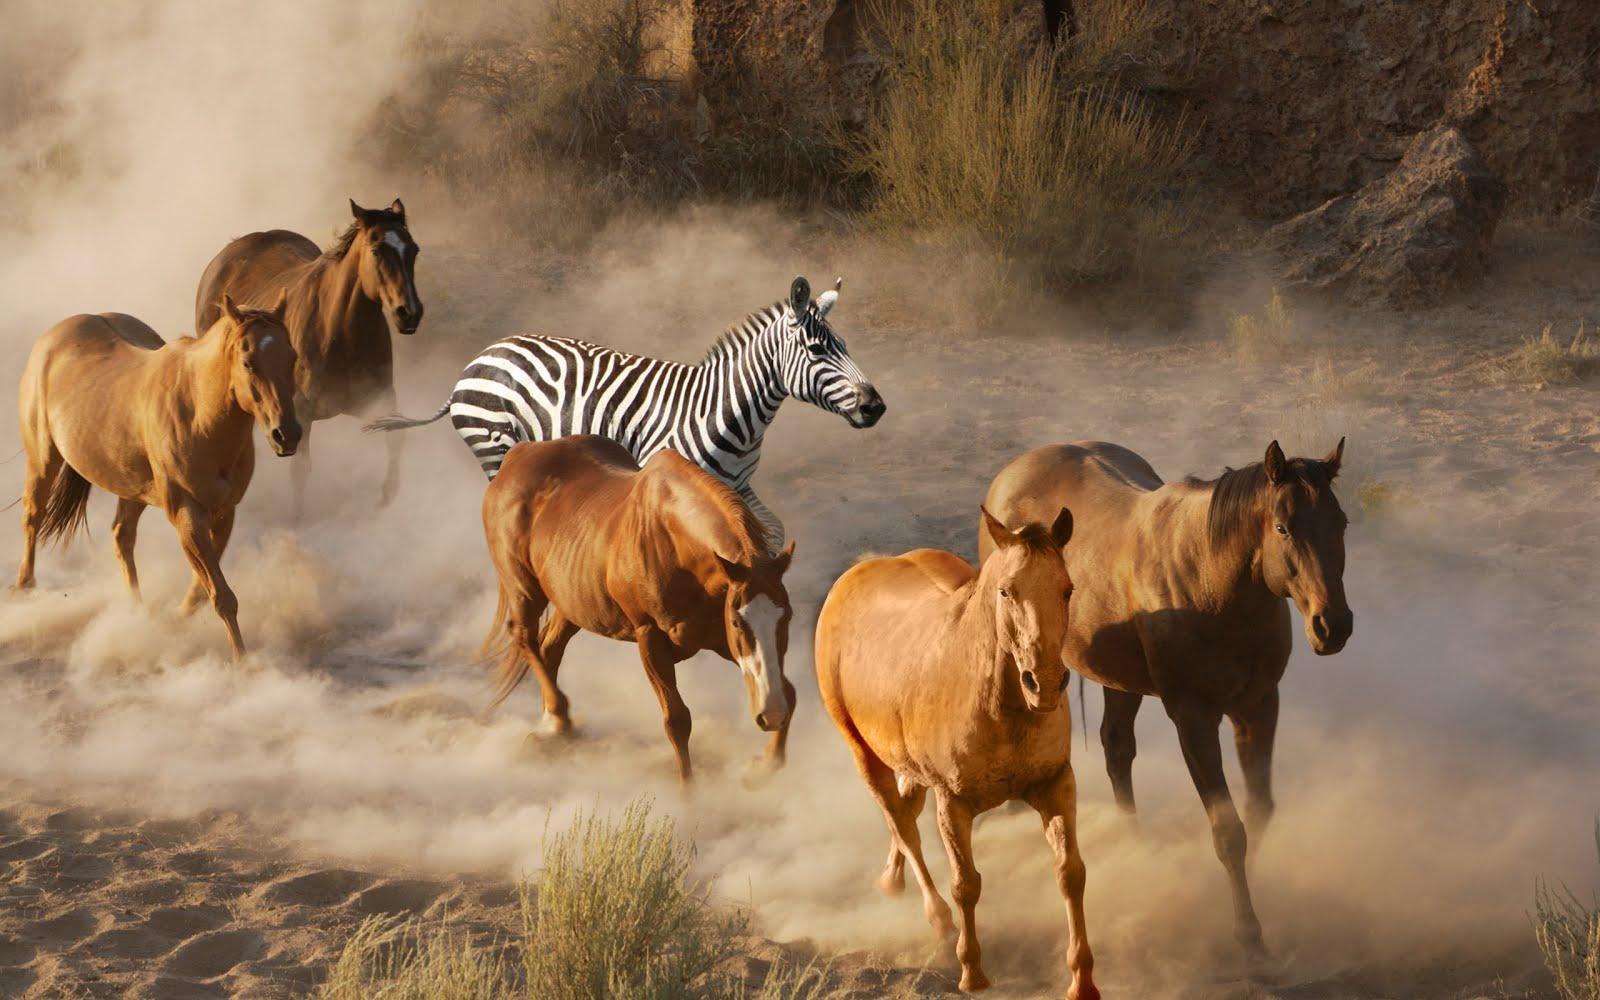 Als men hoefgetrappel hoort moet het niet altijd een paard zijn, het kan even goed een ZEBRA zijn!